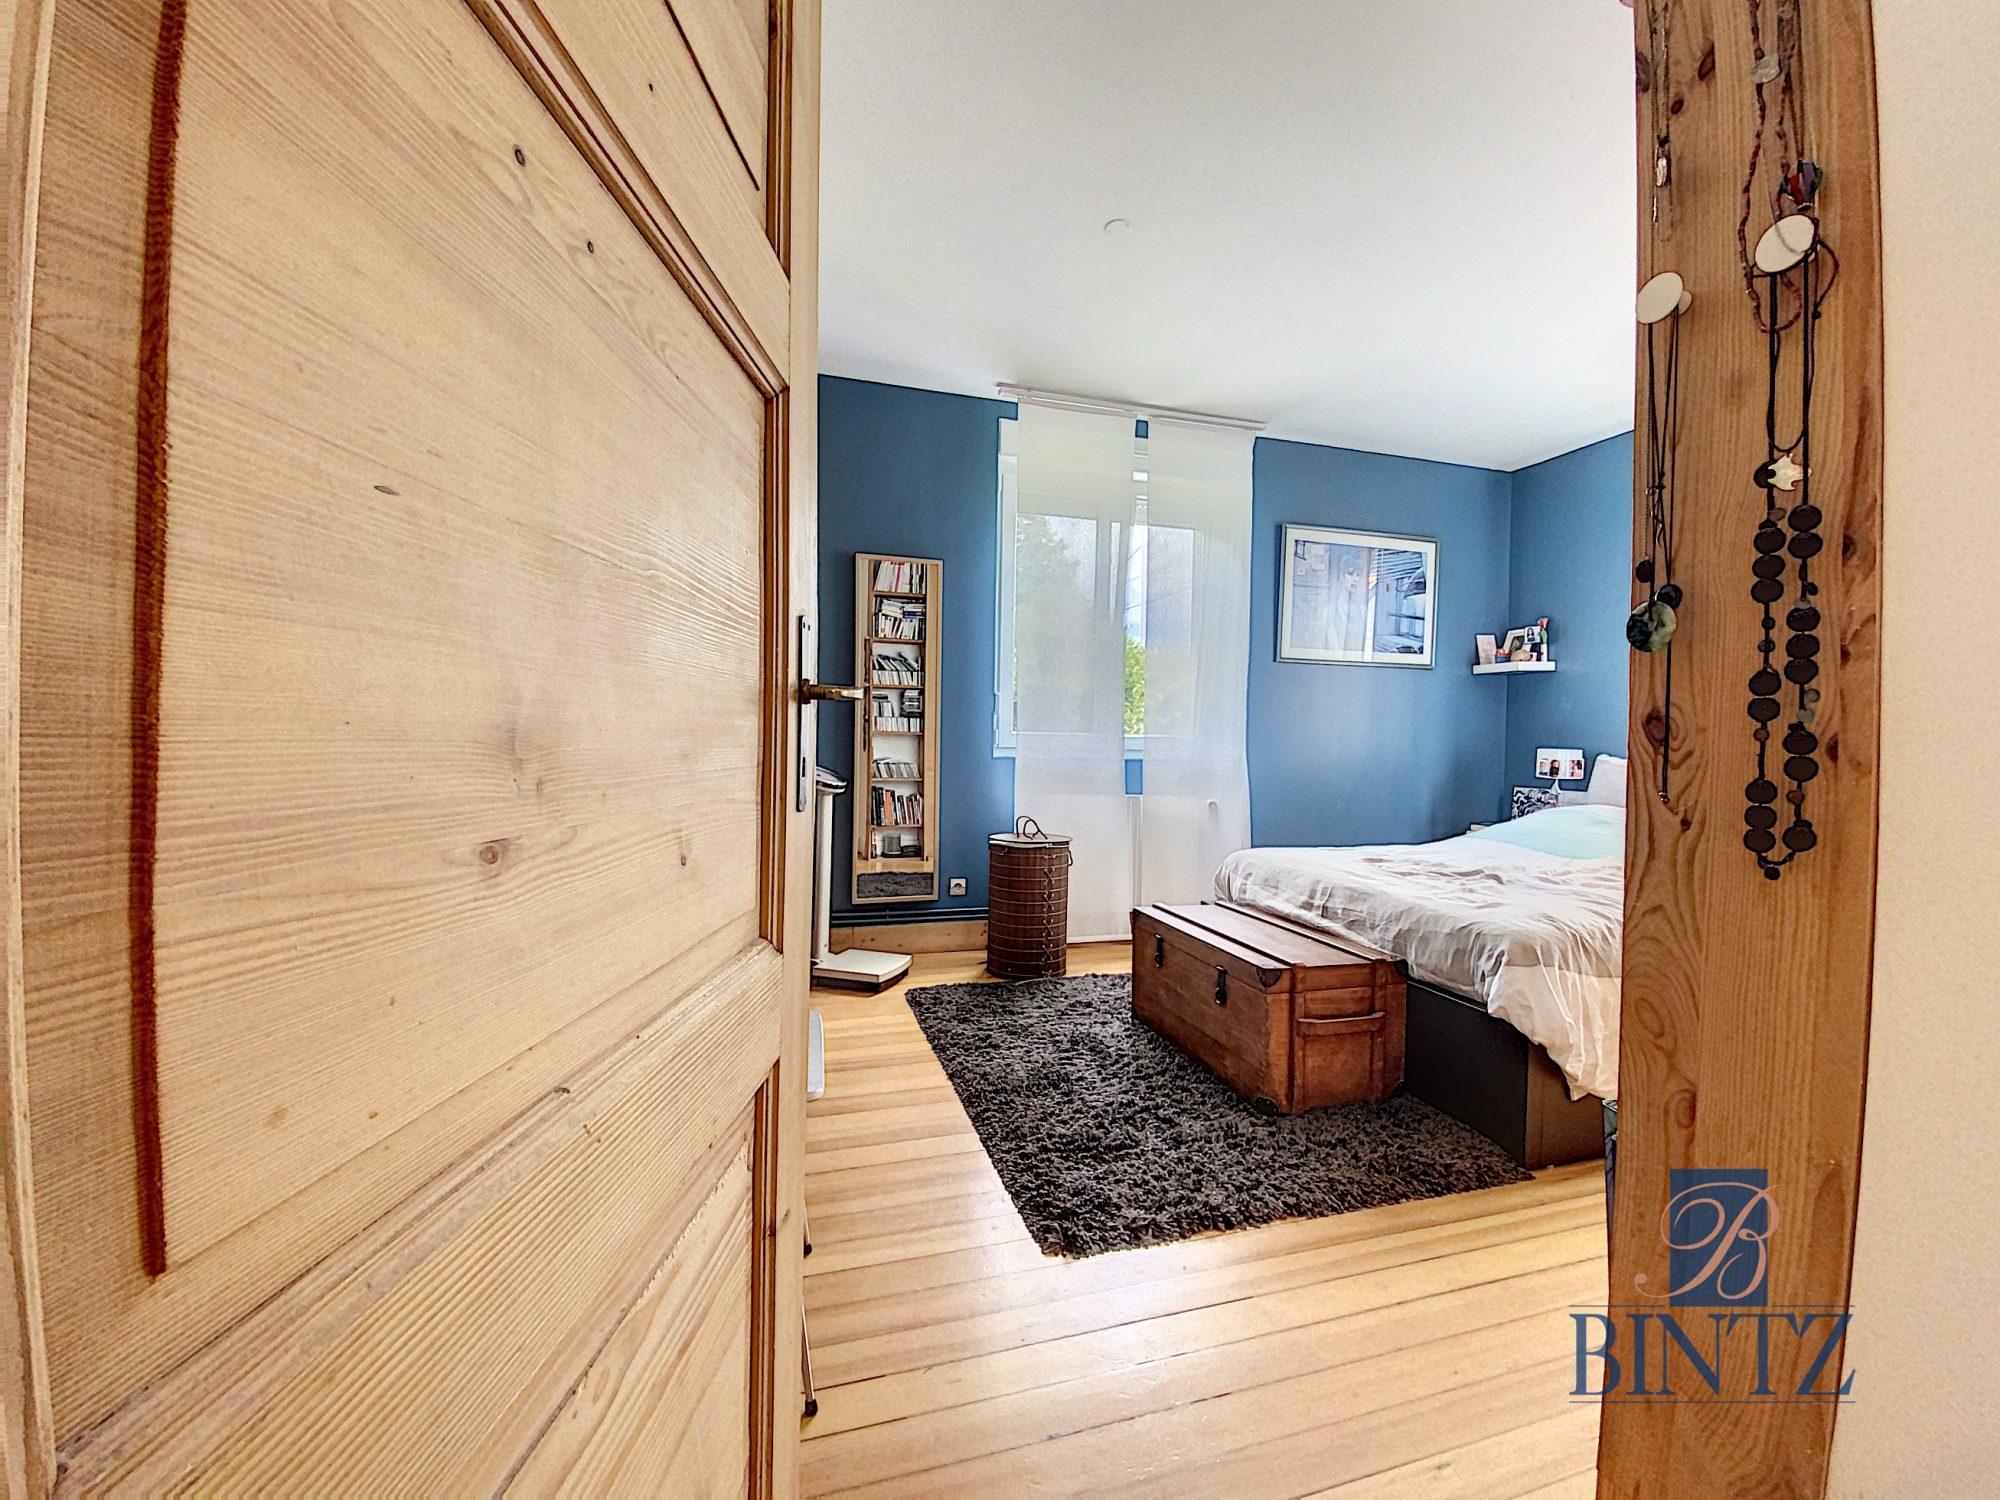 3 pièces avec terrasse à la Robertsau - Devenez propriétaire en toute confiance - Bintz Immobilier - 9